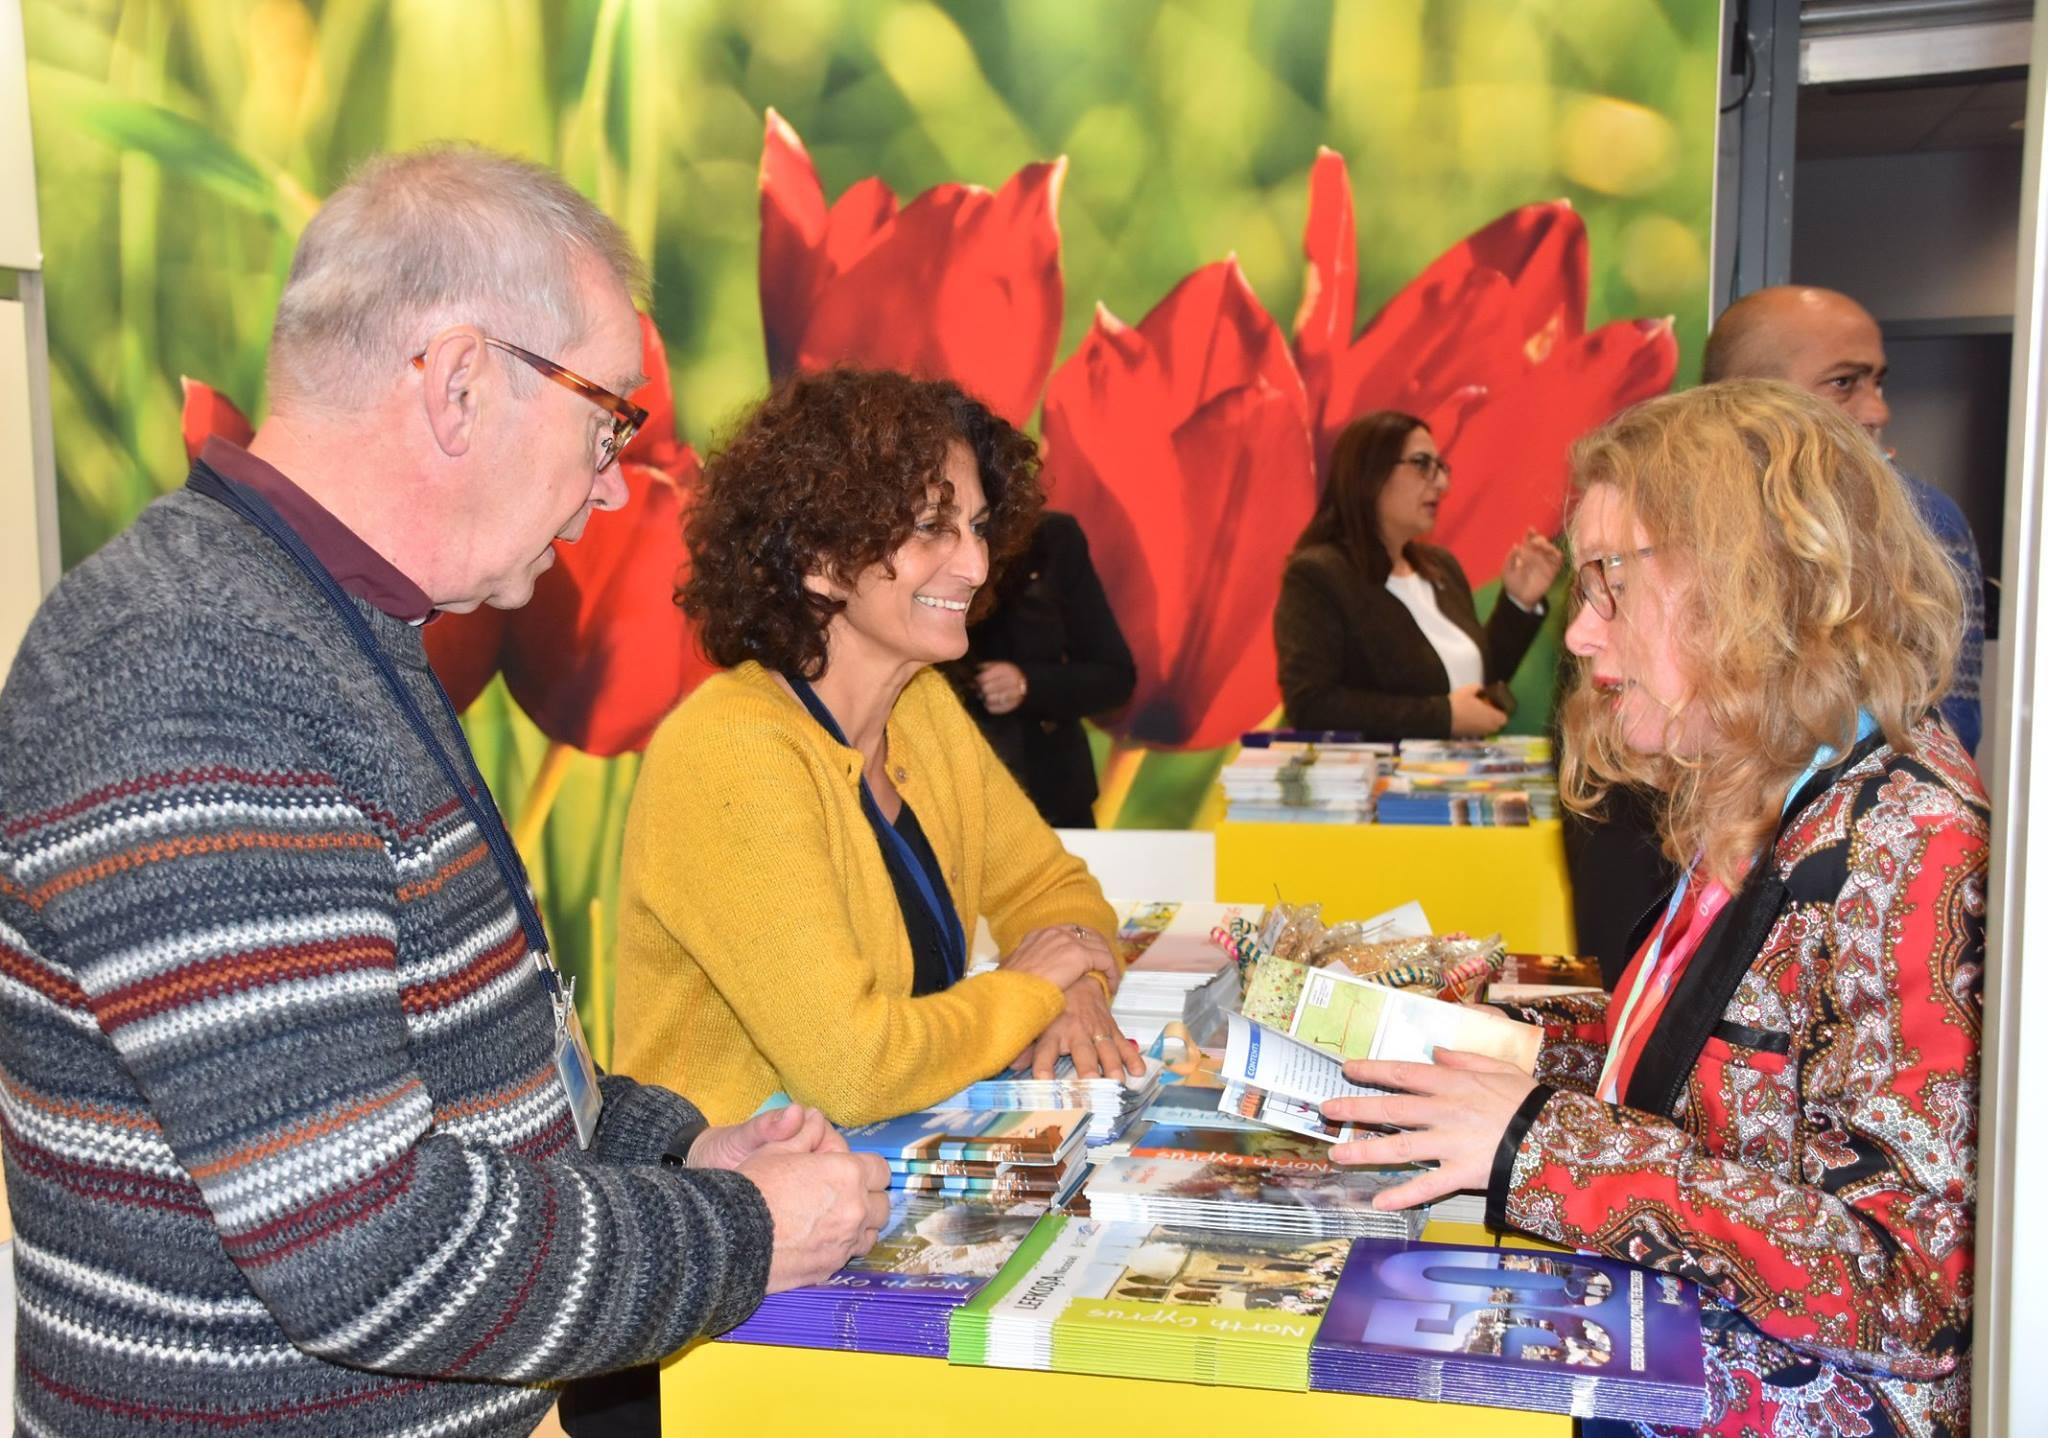 Северный Кипр принимает участие в выставке в Голландии